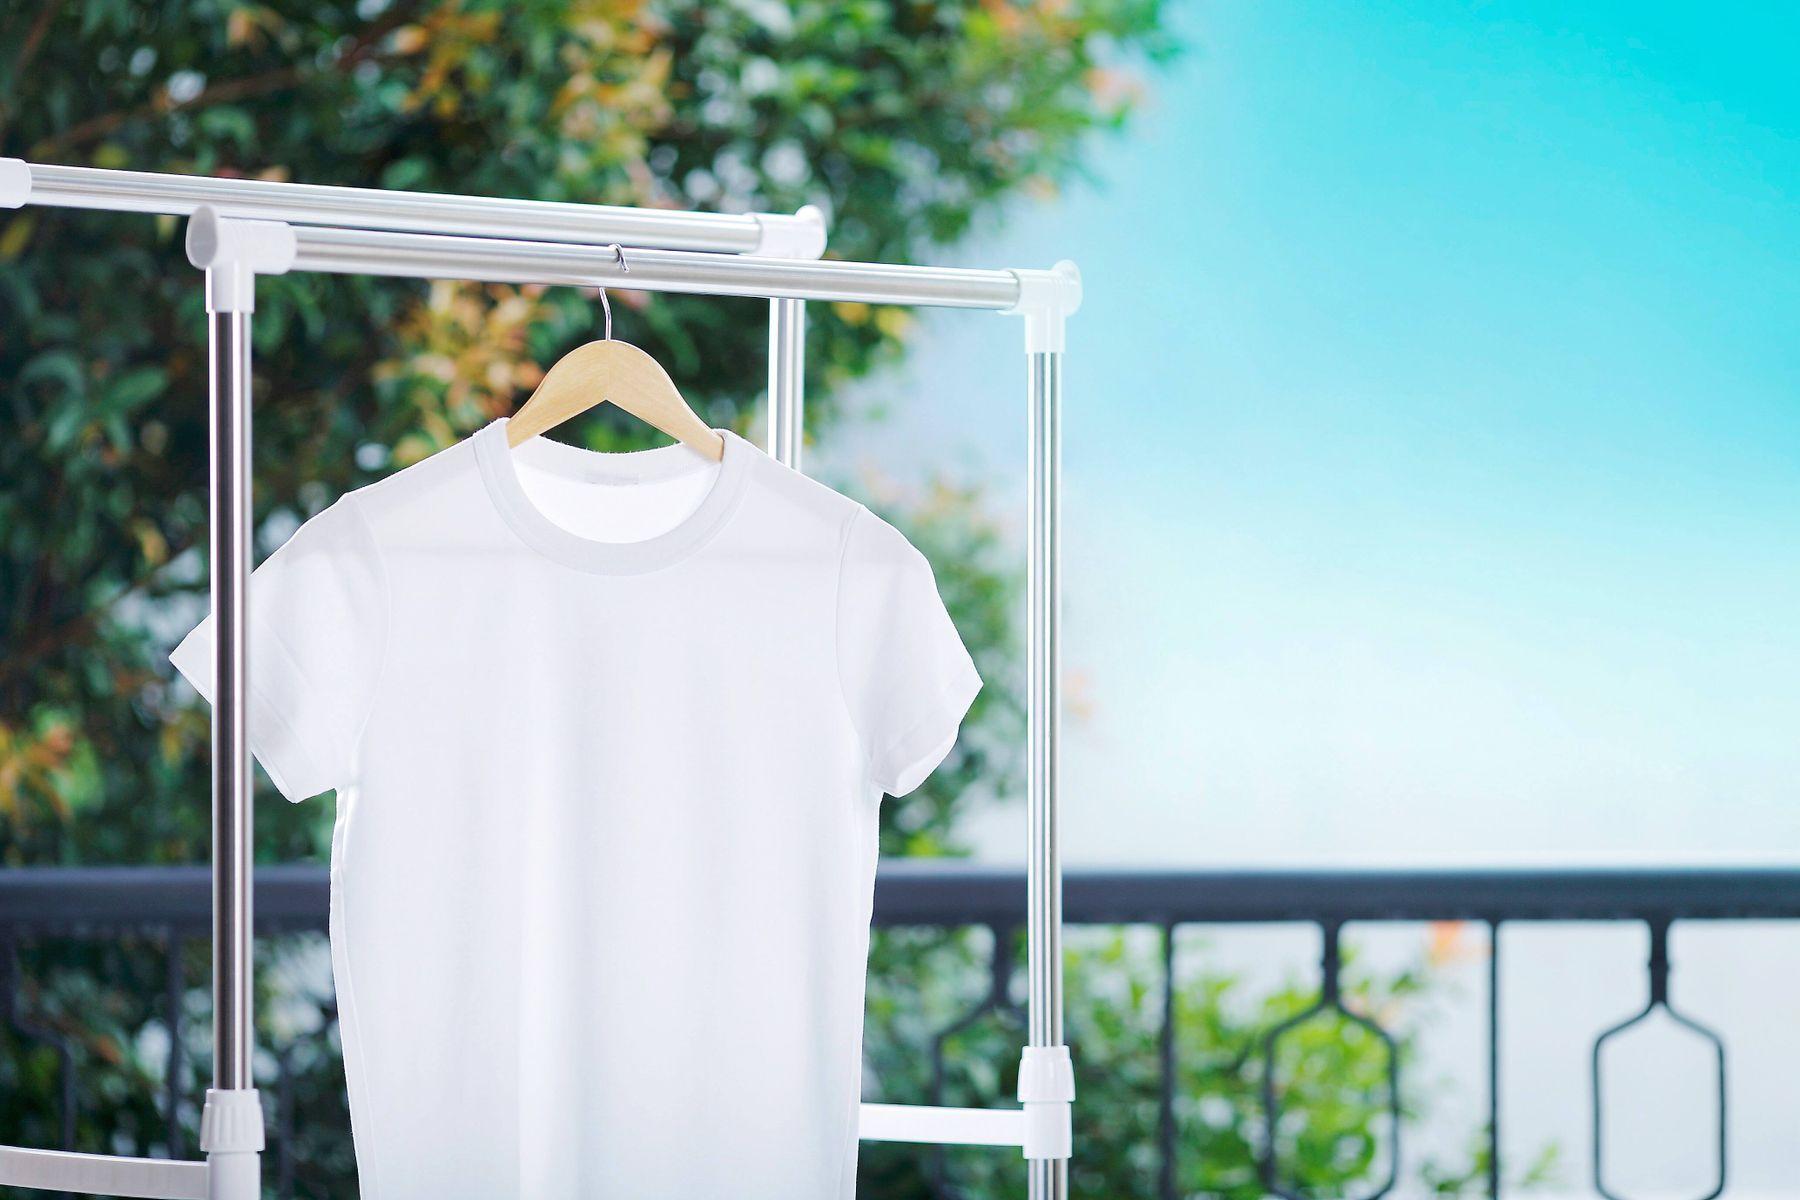 Camiseta branca em cabide ao ar livre